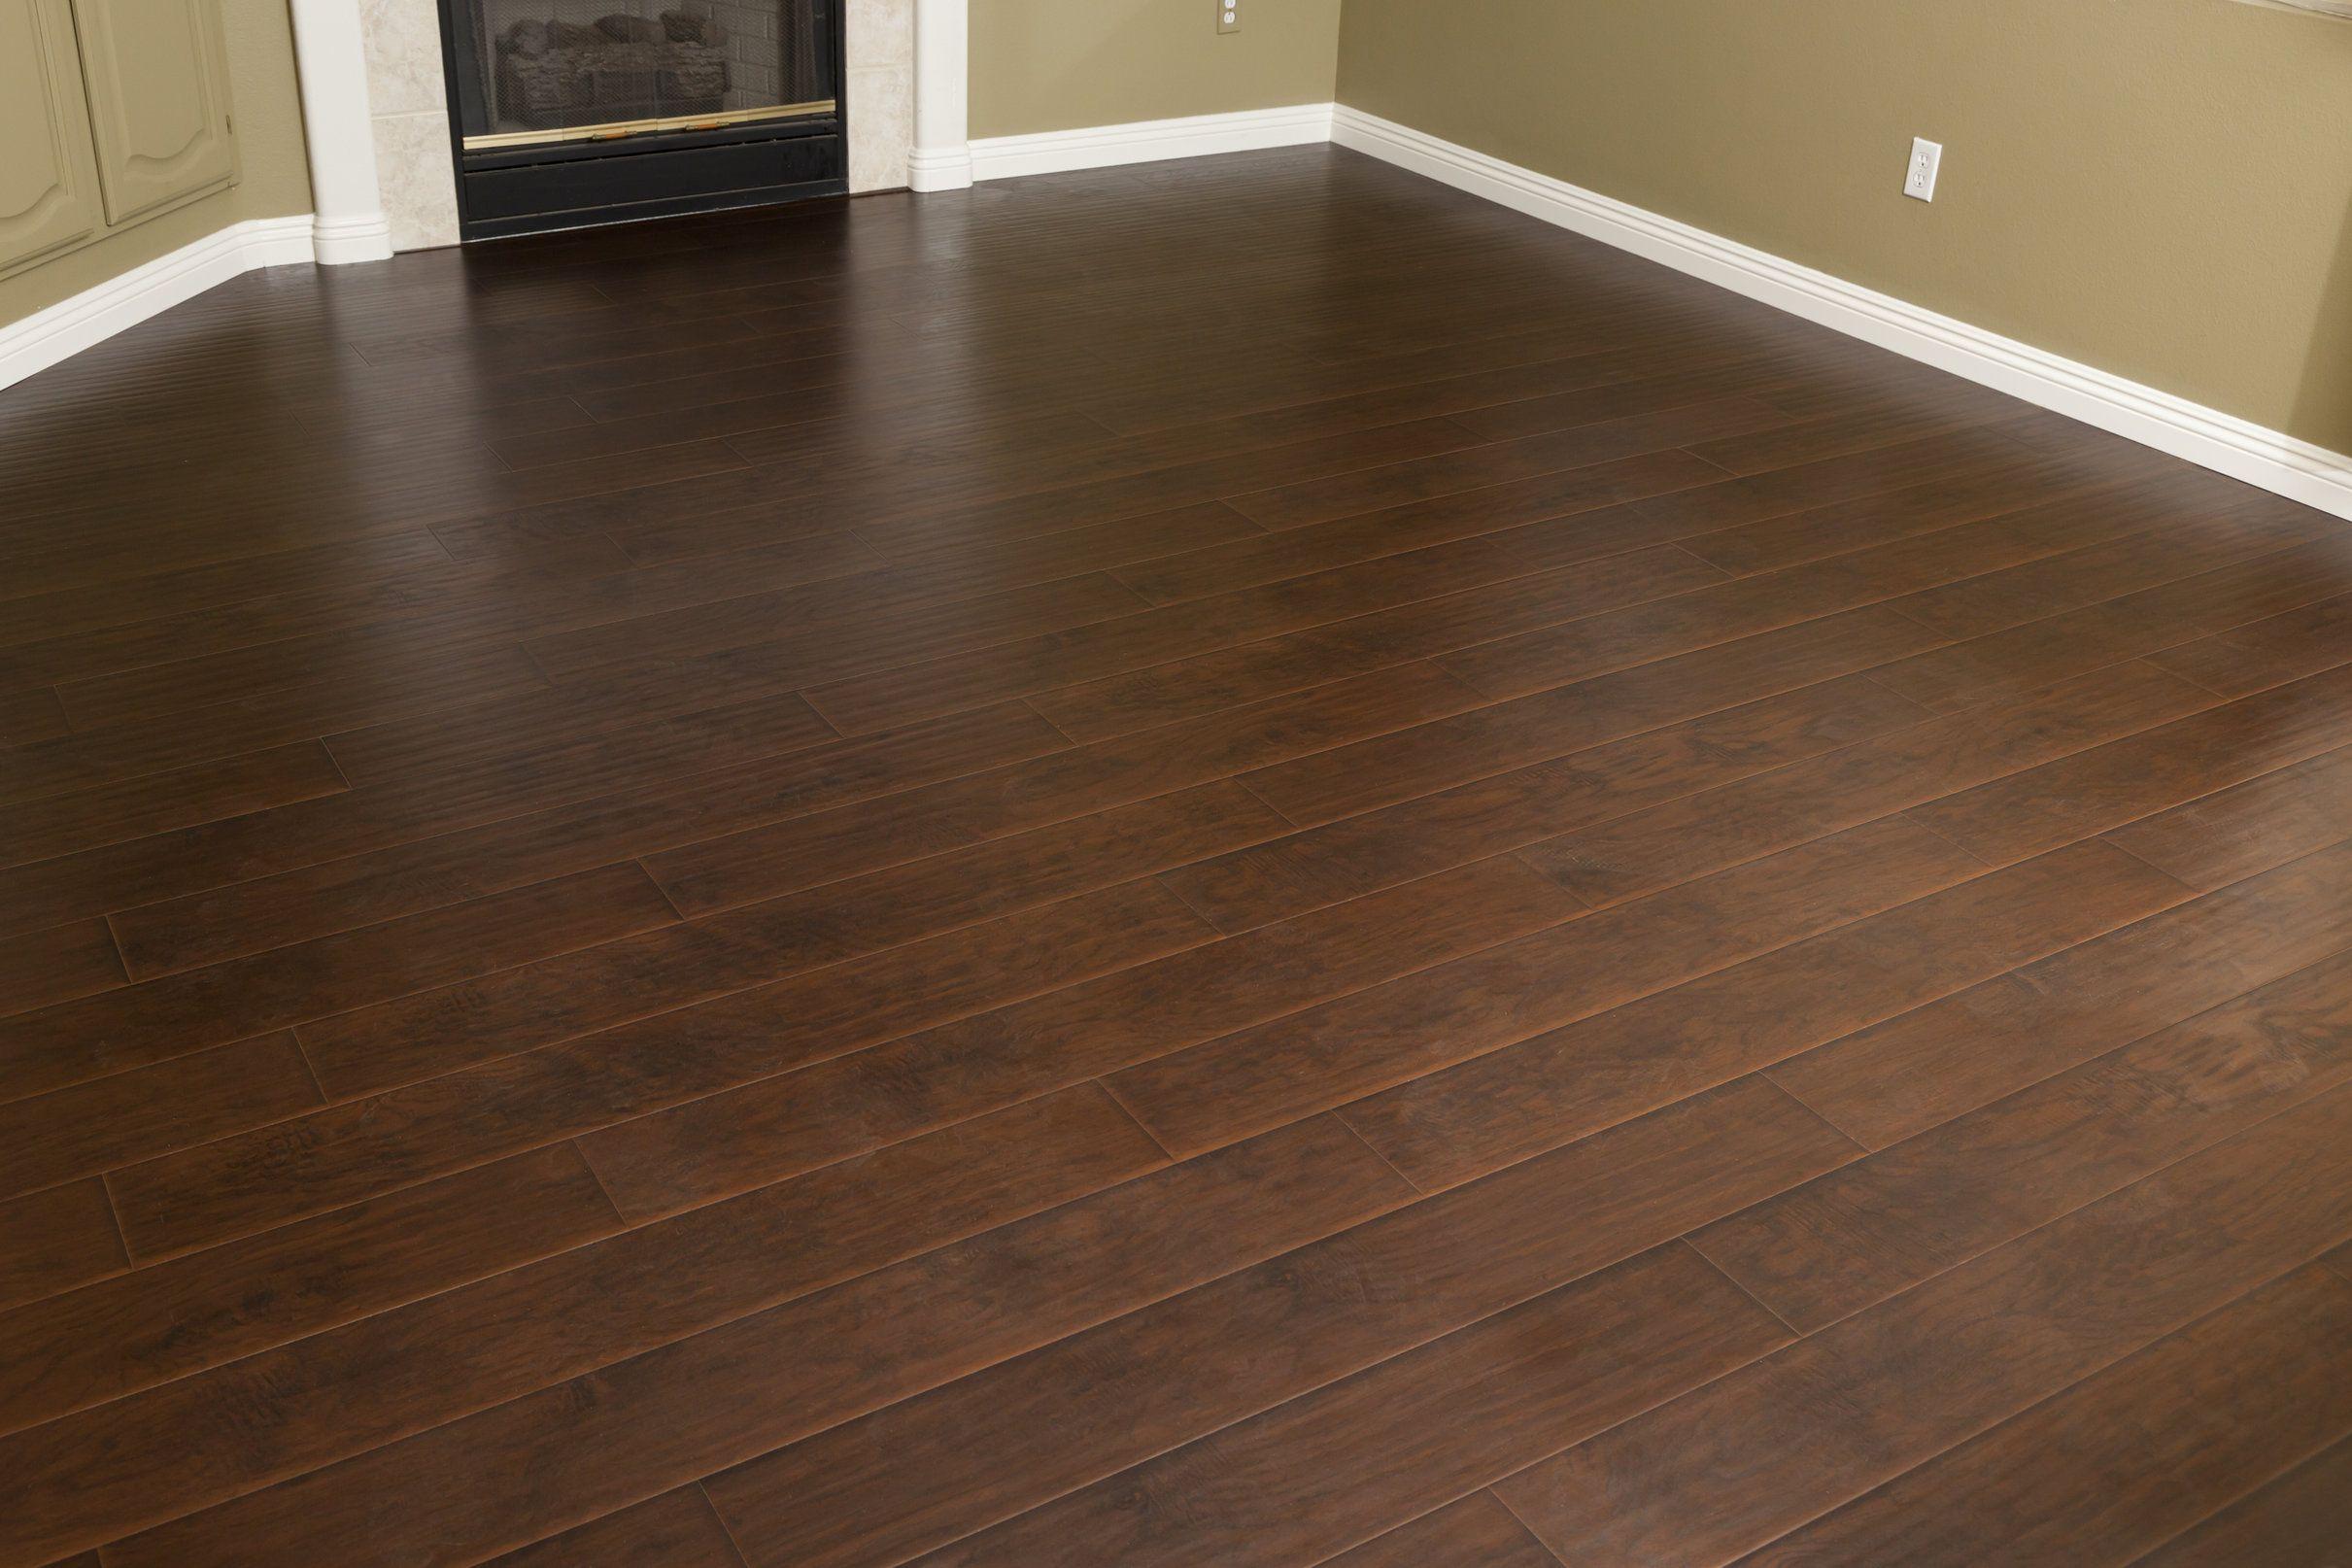 Carpet Fitter Swansea Uk Flooring Hardwood Vinyl Flooring